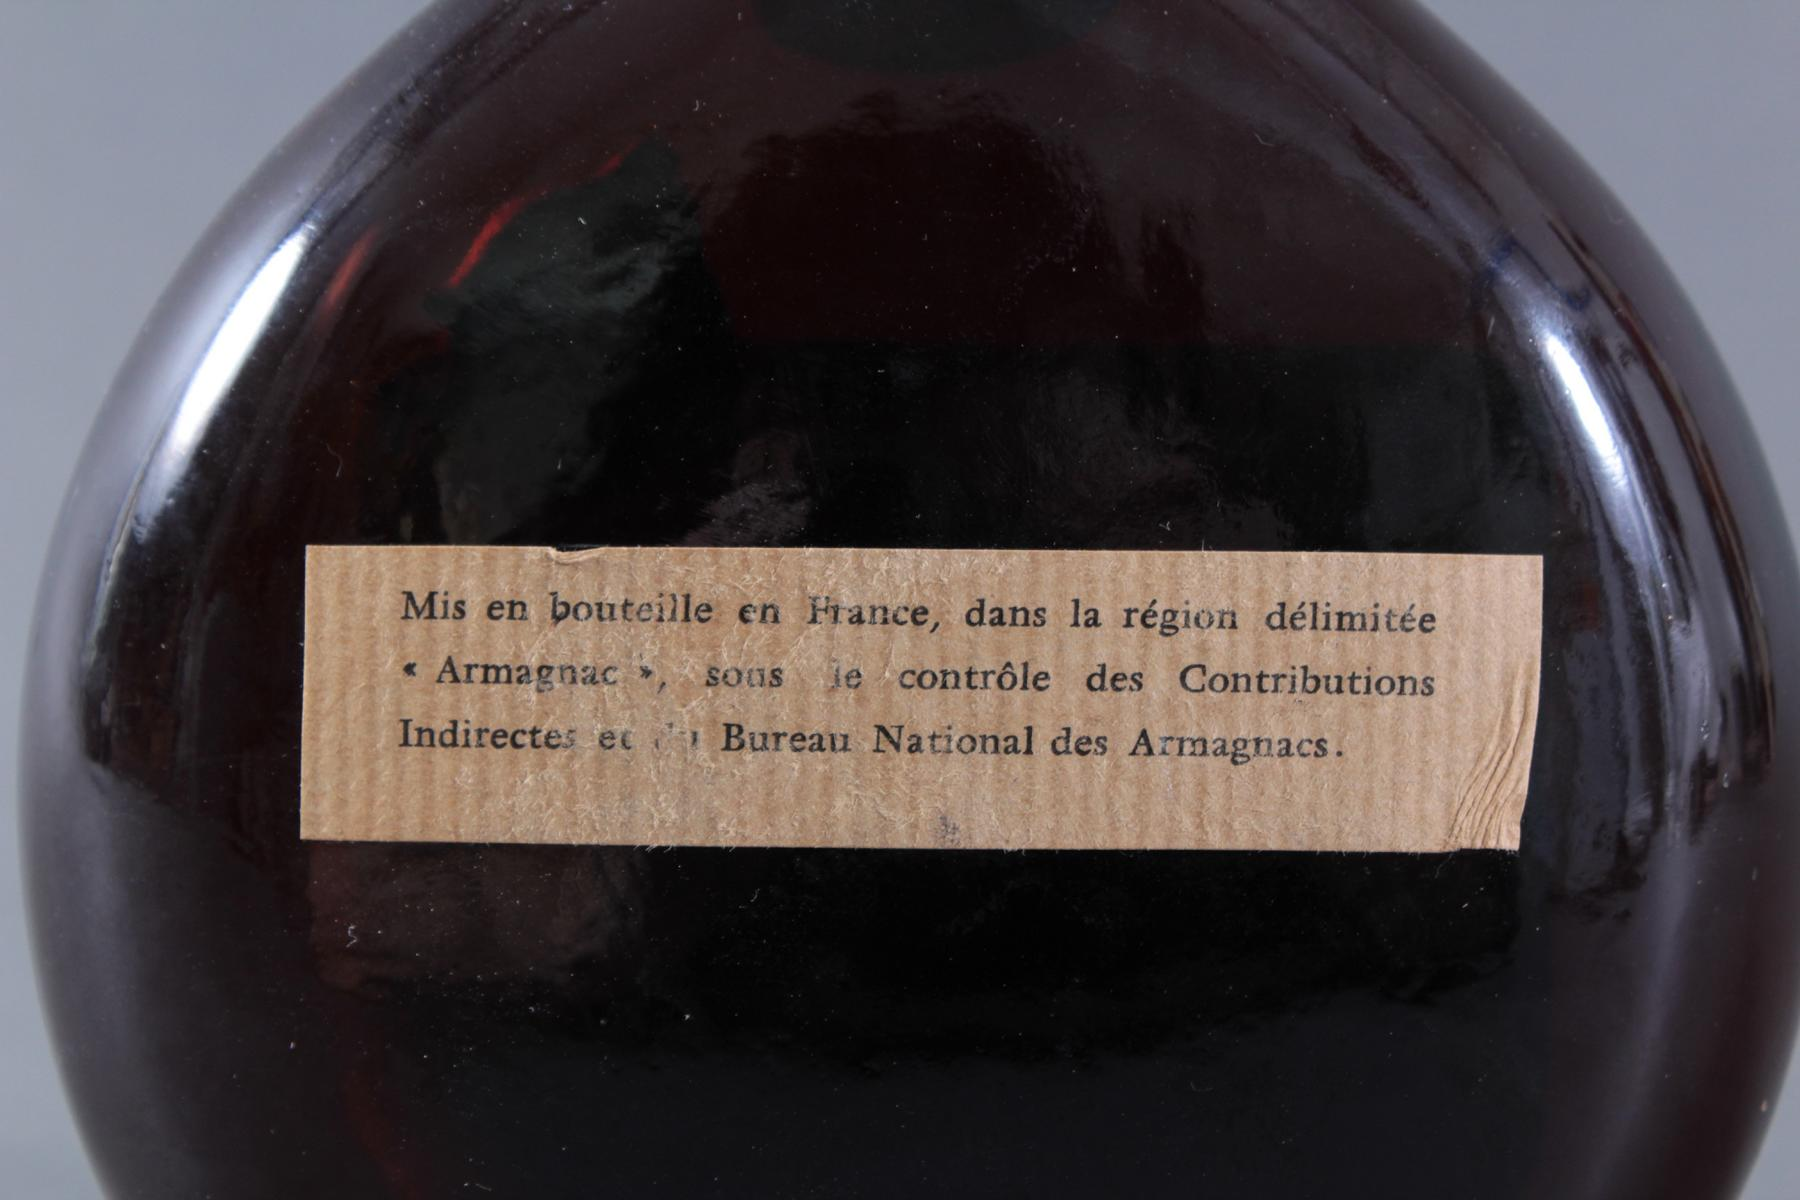 1946er Armagnac du Collectionneur, J. Pupeyron-3